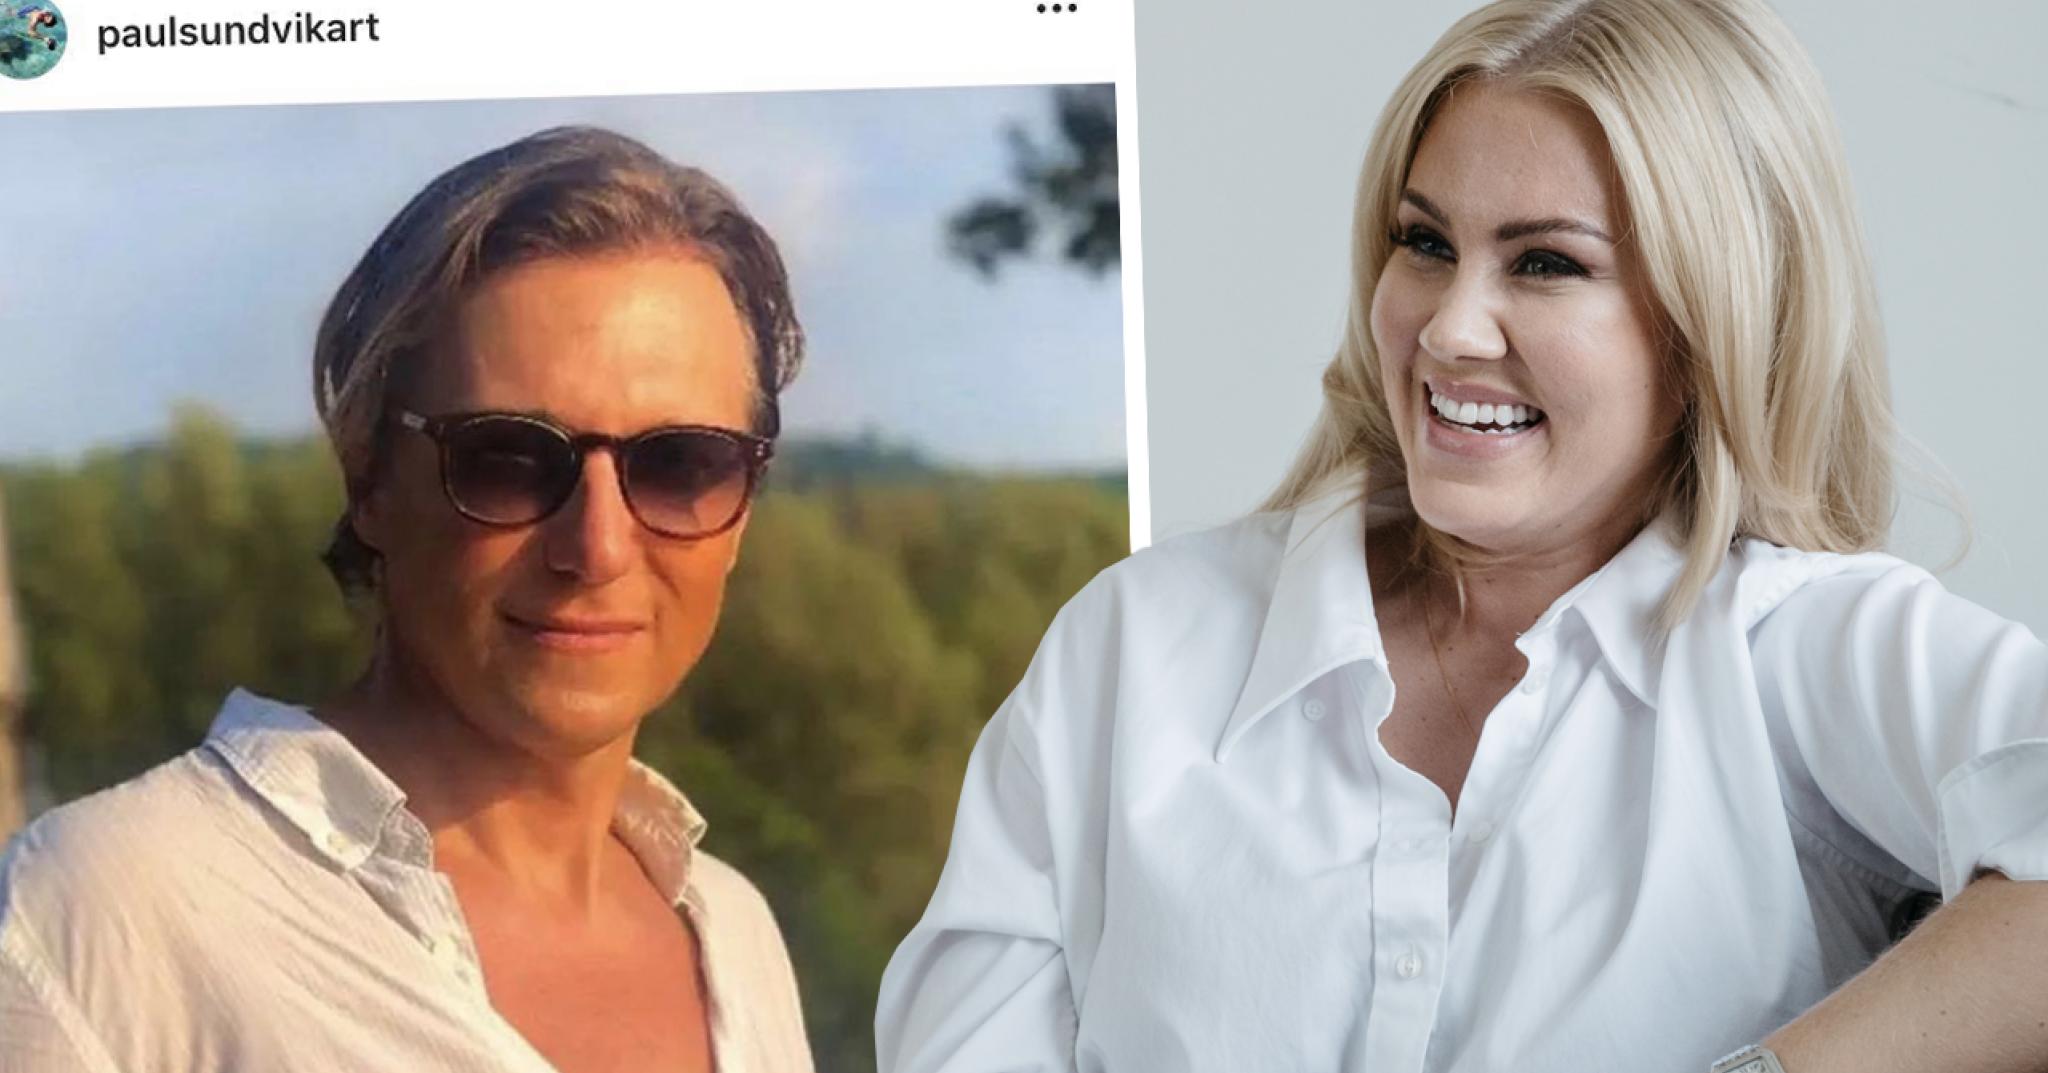 Allt du vill veta om Isabella Löwengrips pojkvän Paul Sundvik